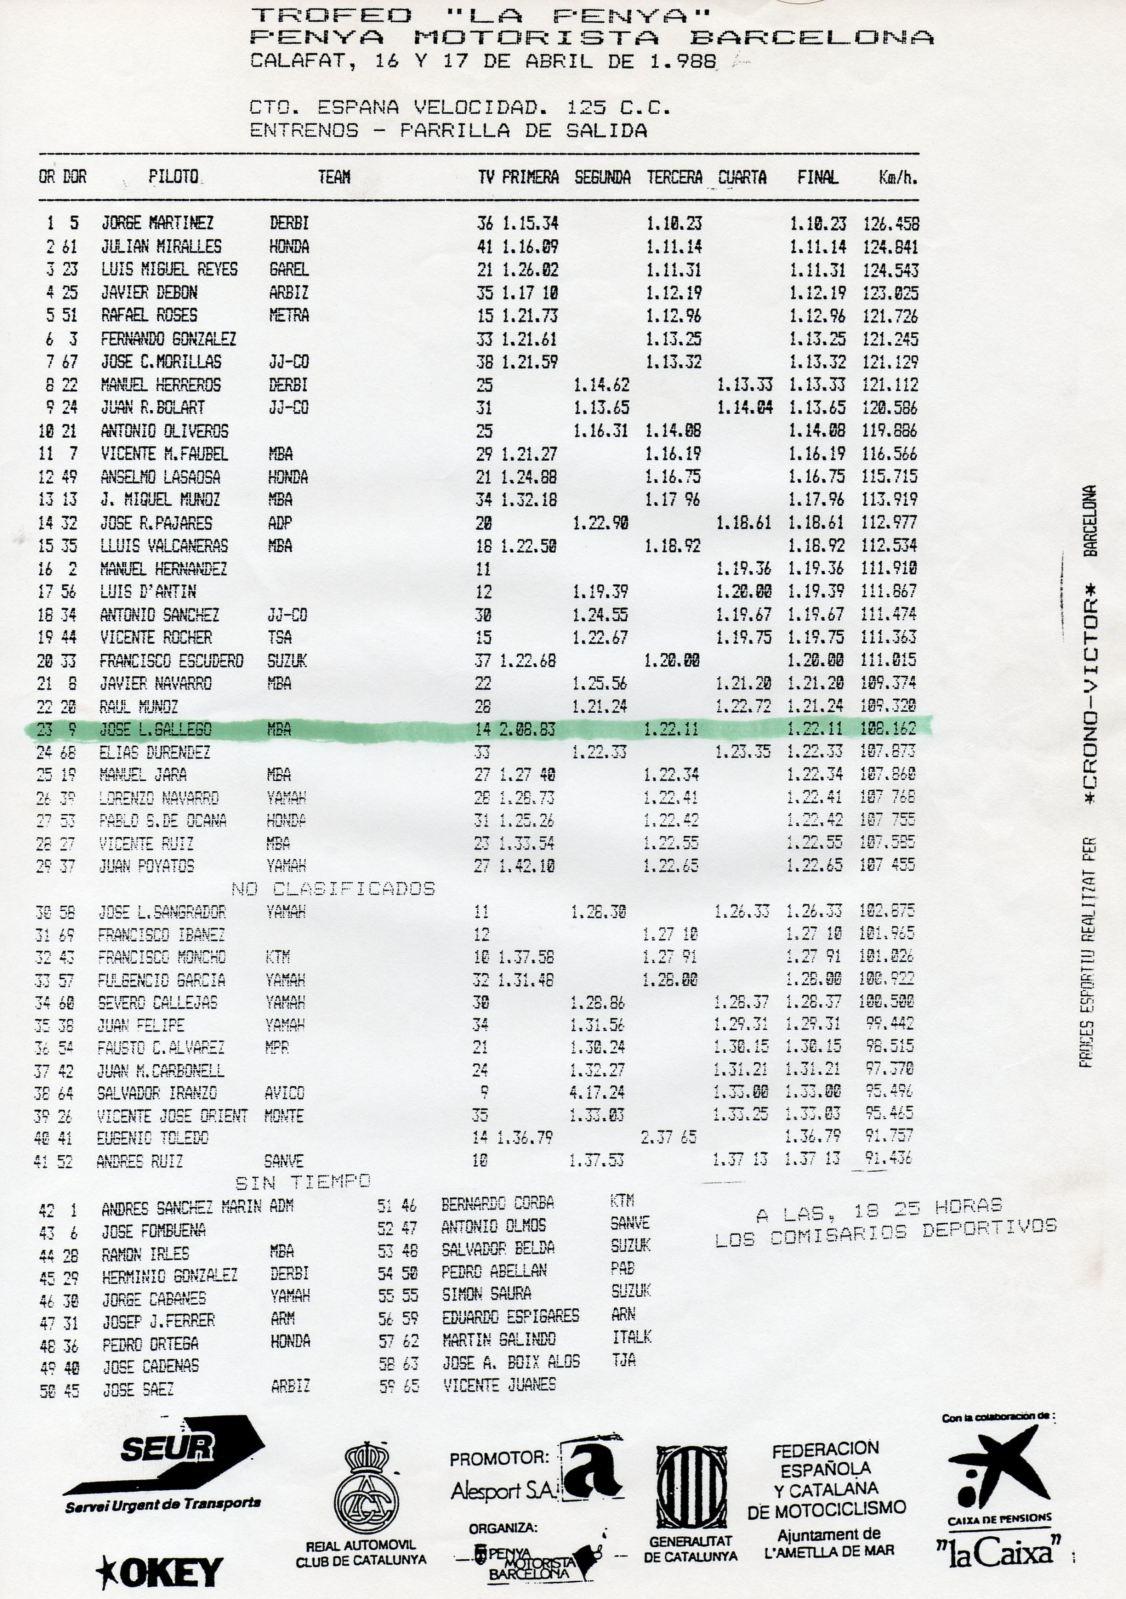 gilera - Antiguos pilotos: José Luis Gallego (V) M9azpx